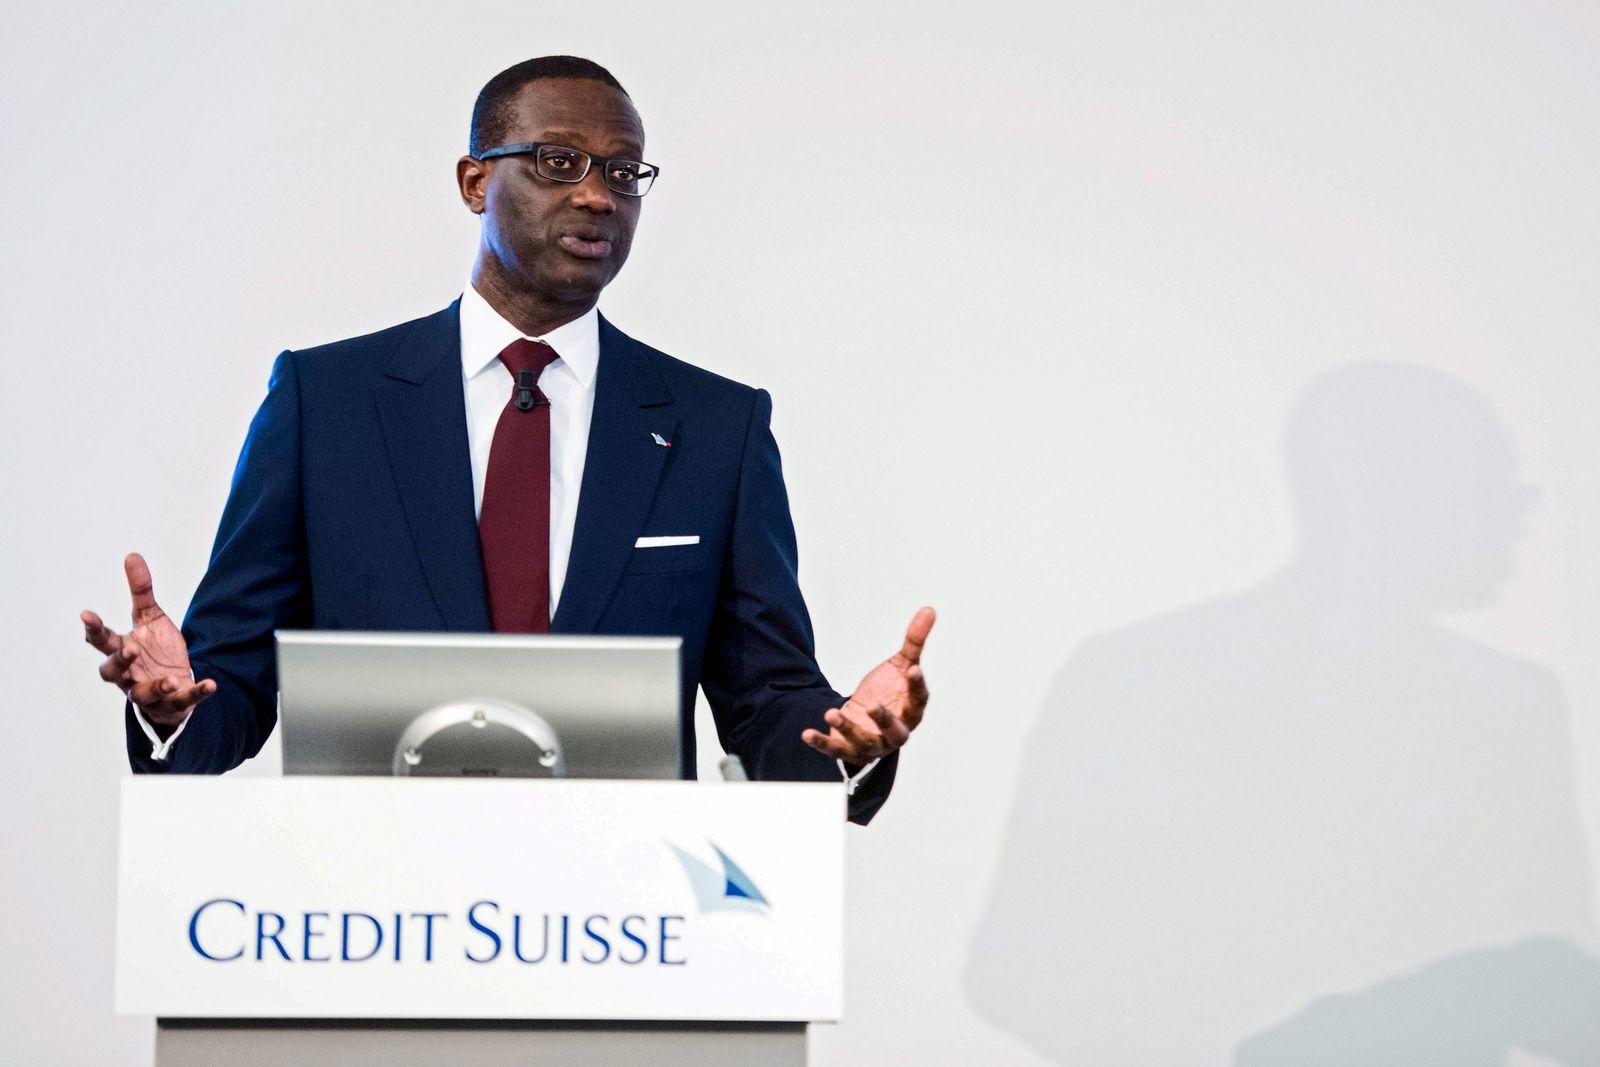 Credit Suisse; Tidjane Thiam